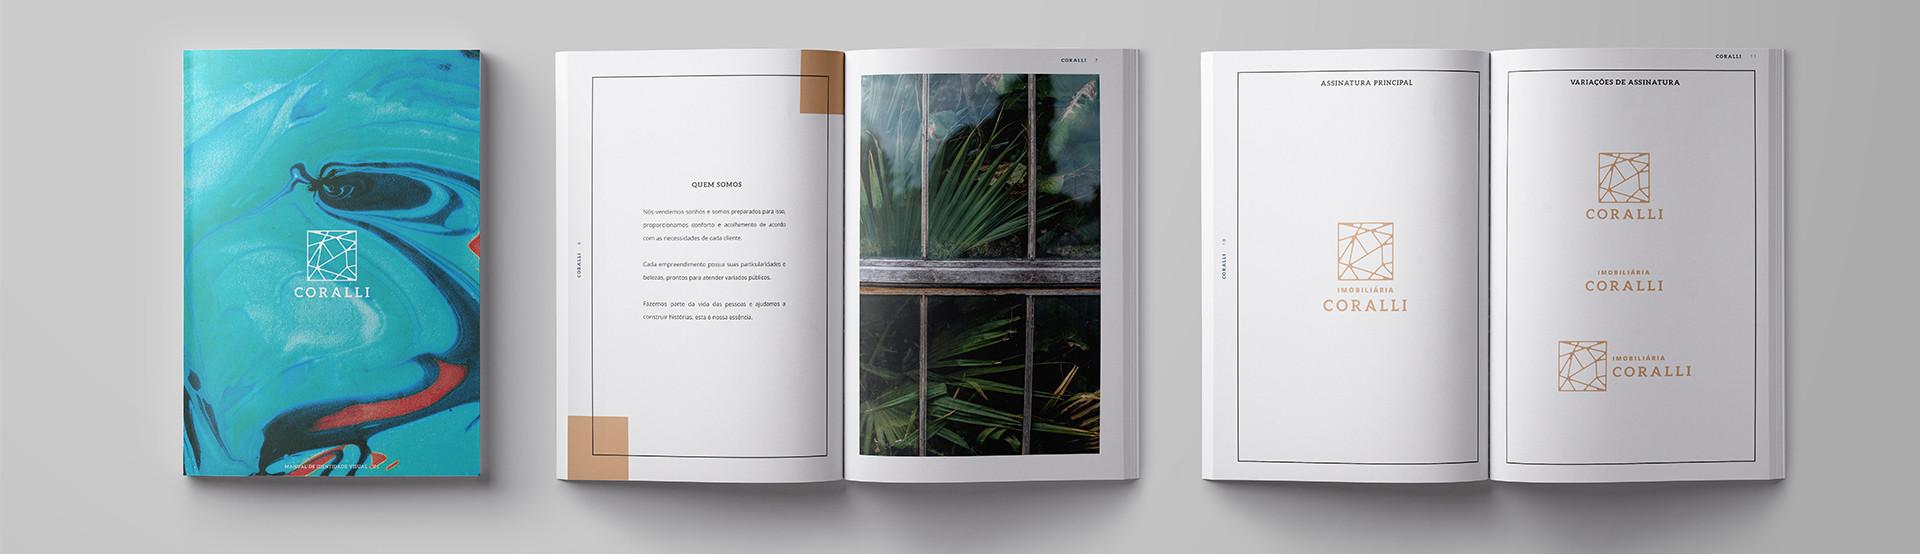 Manual de Marca Coralli